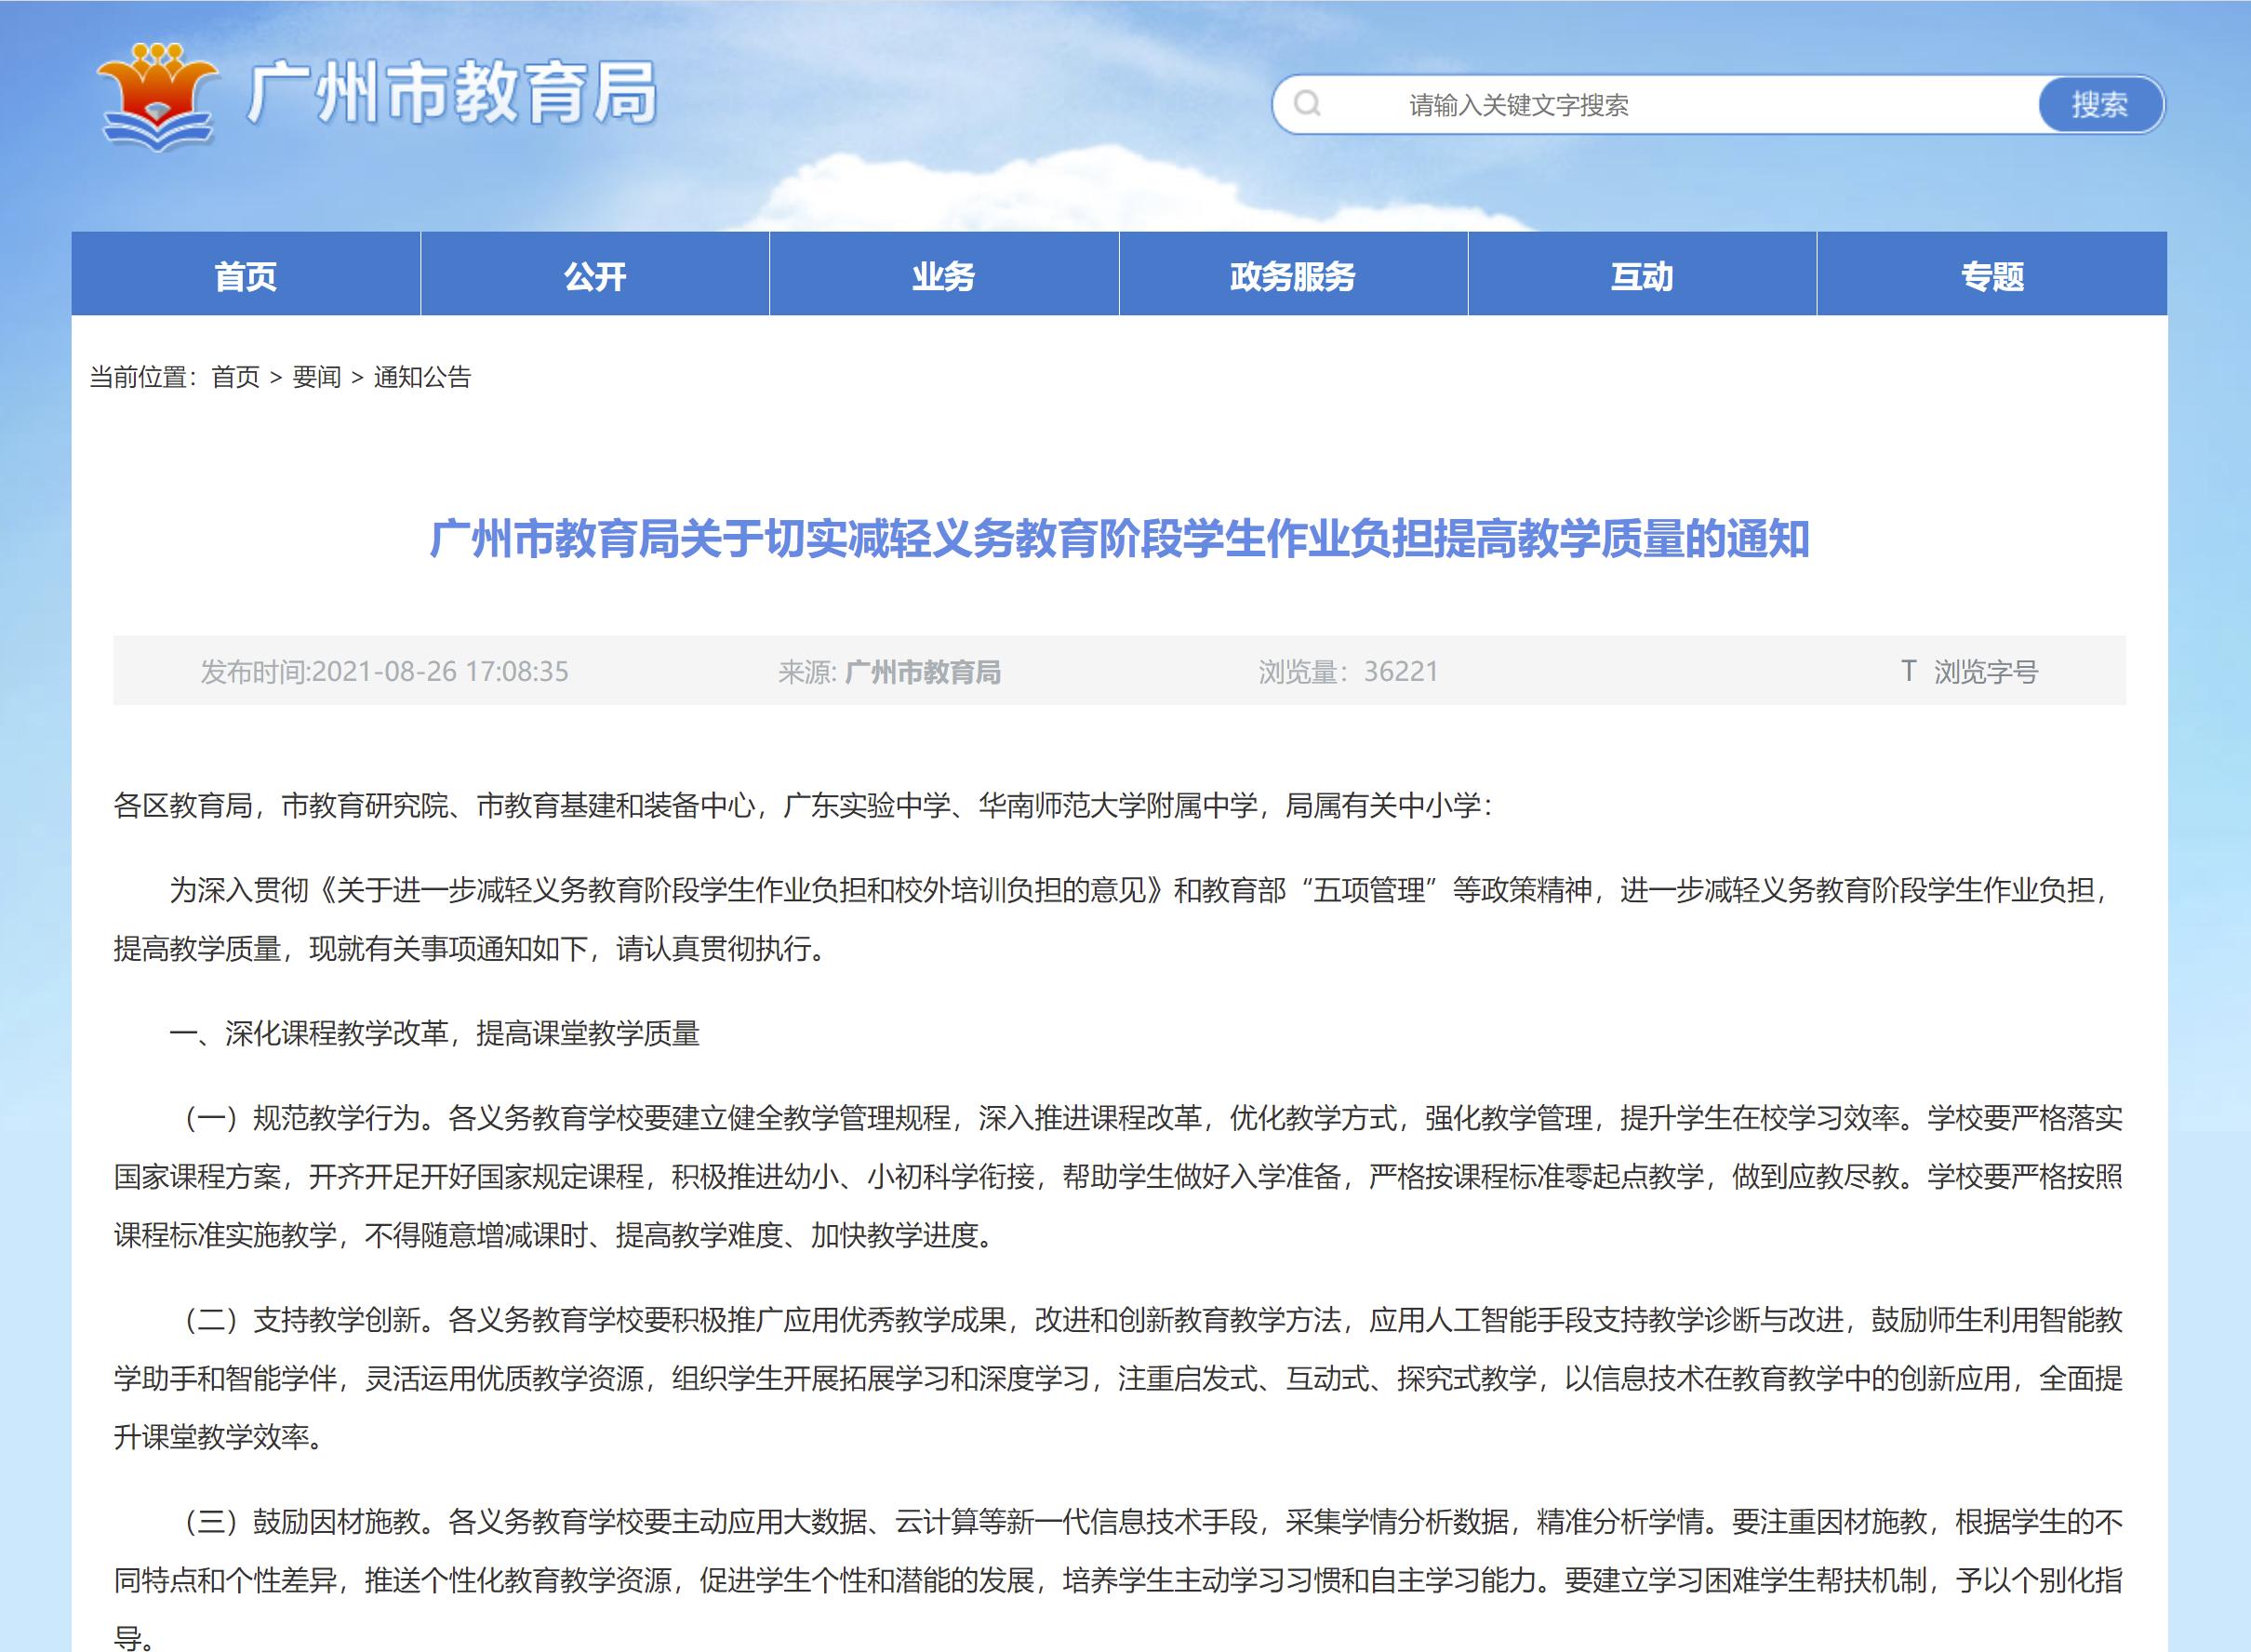 广州市教育局关于切实减轻义务教育阶段学生作业负担提高教学质量的通